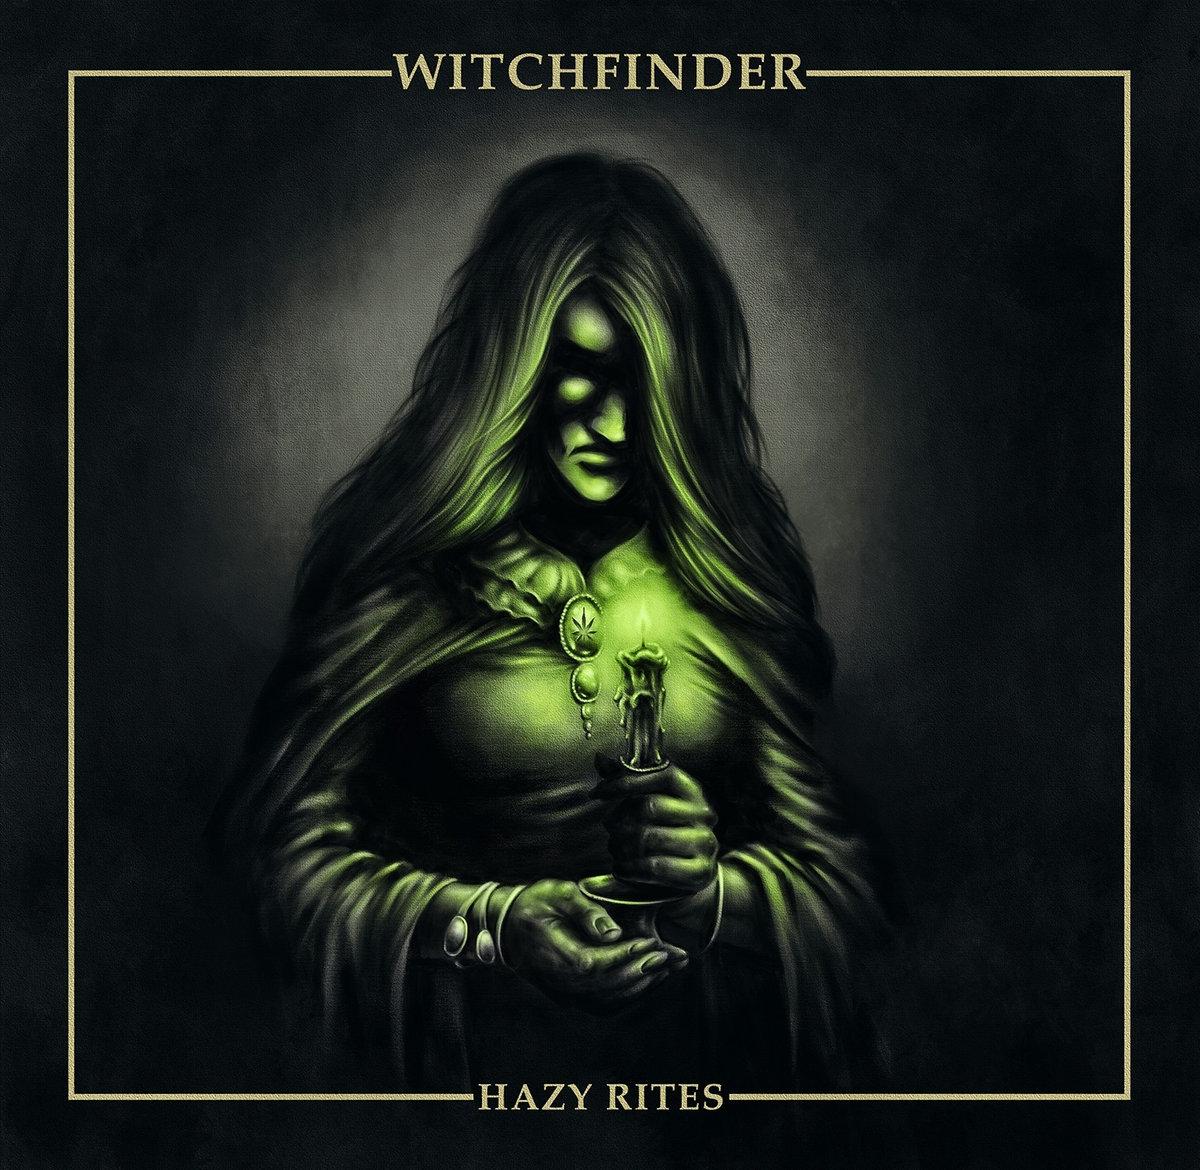 witchfinder hazy rites